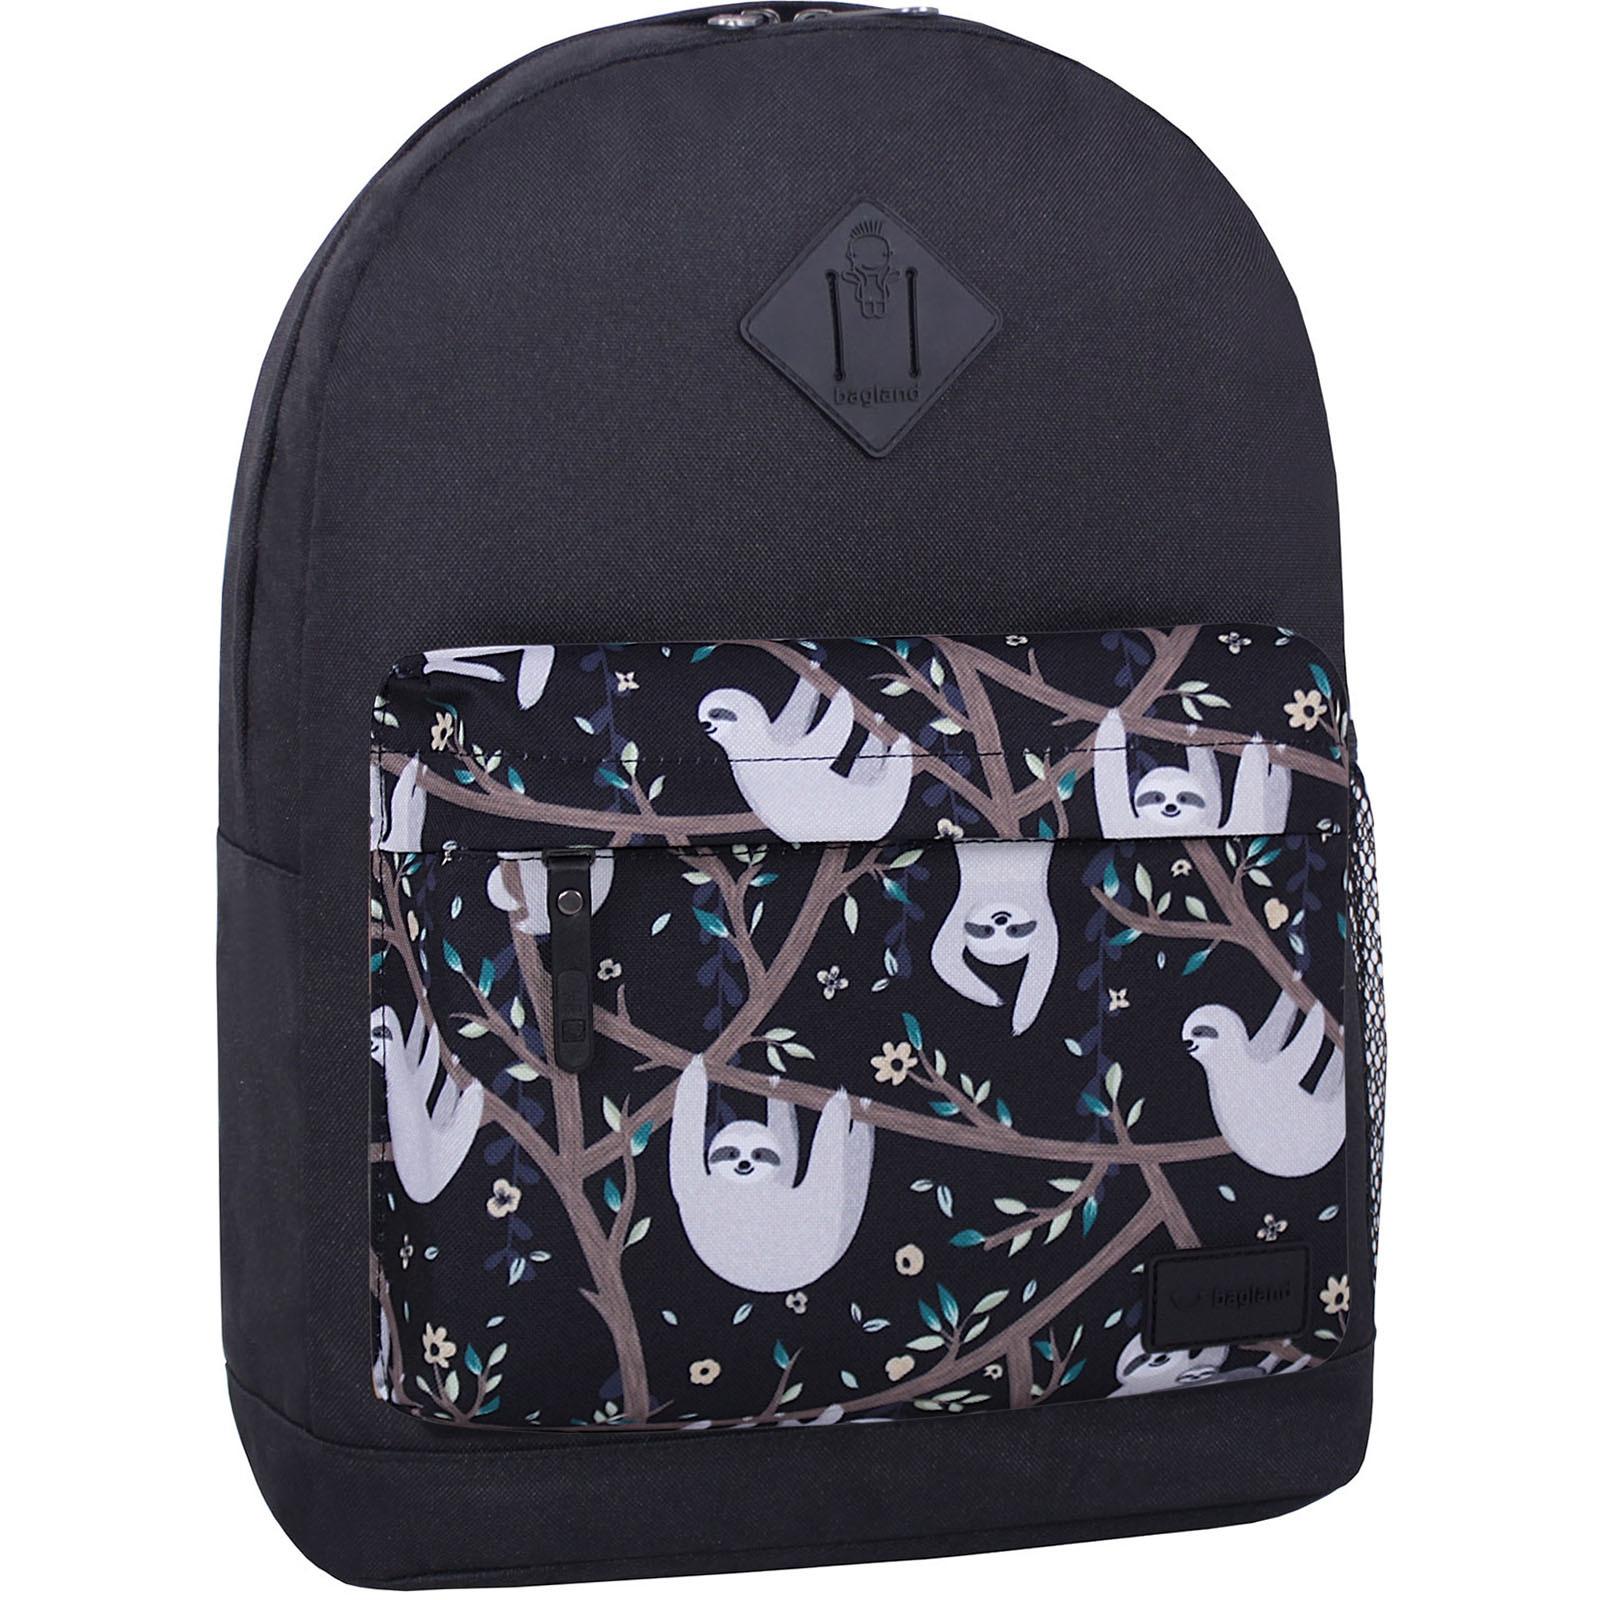 Городские рюкзаки Рюкзак Bagland Молодежный W/R 17 л. Черный 760 (00533662) IMG_6667_суб760_-1600.jpg